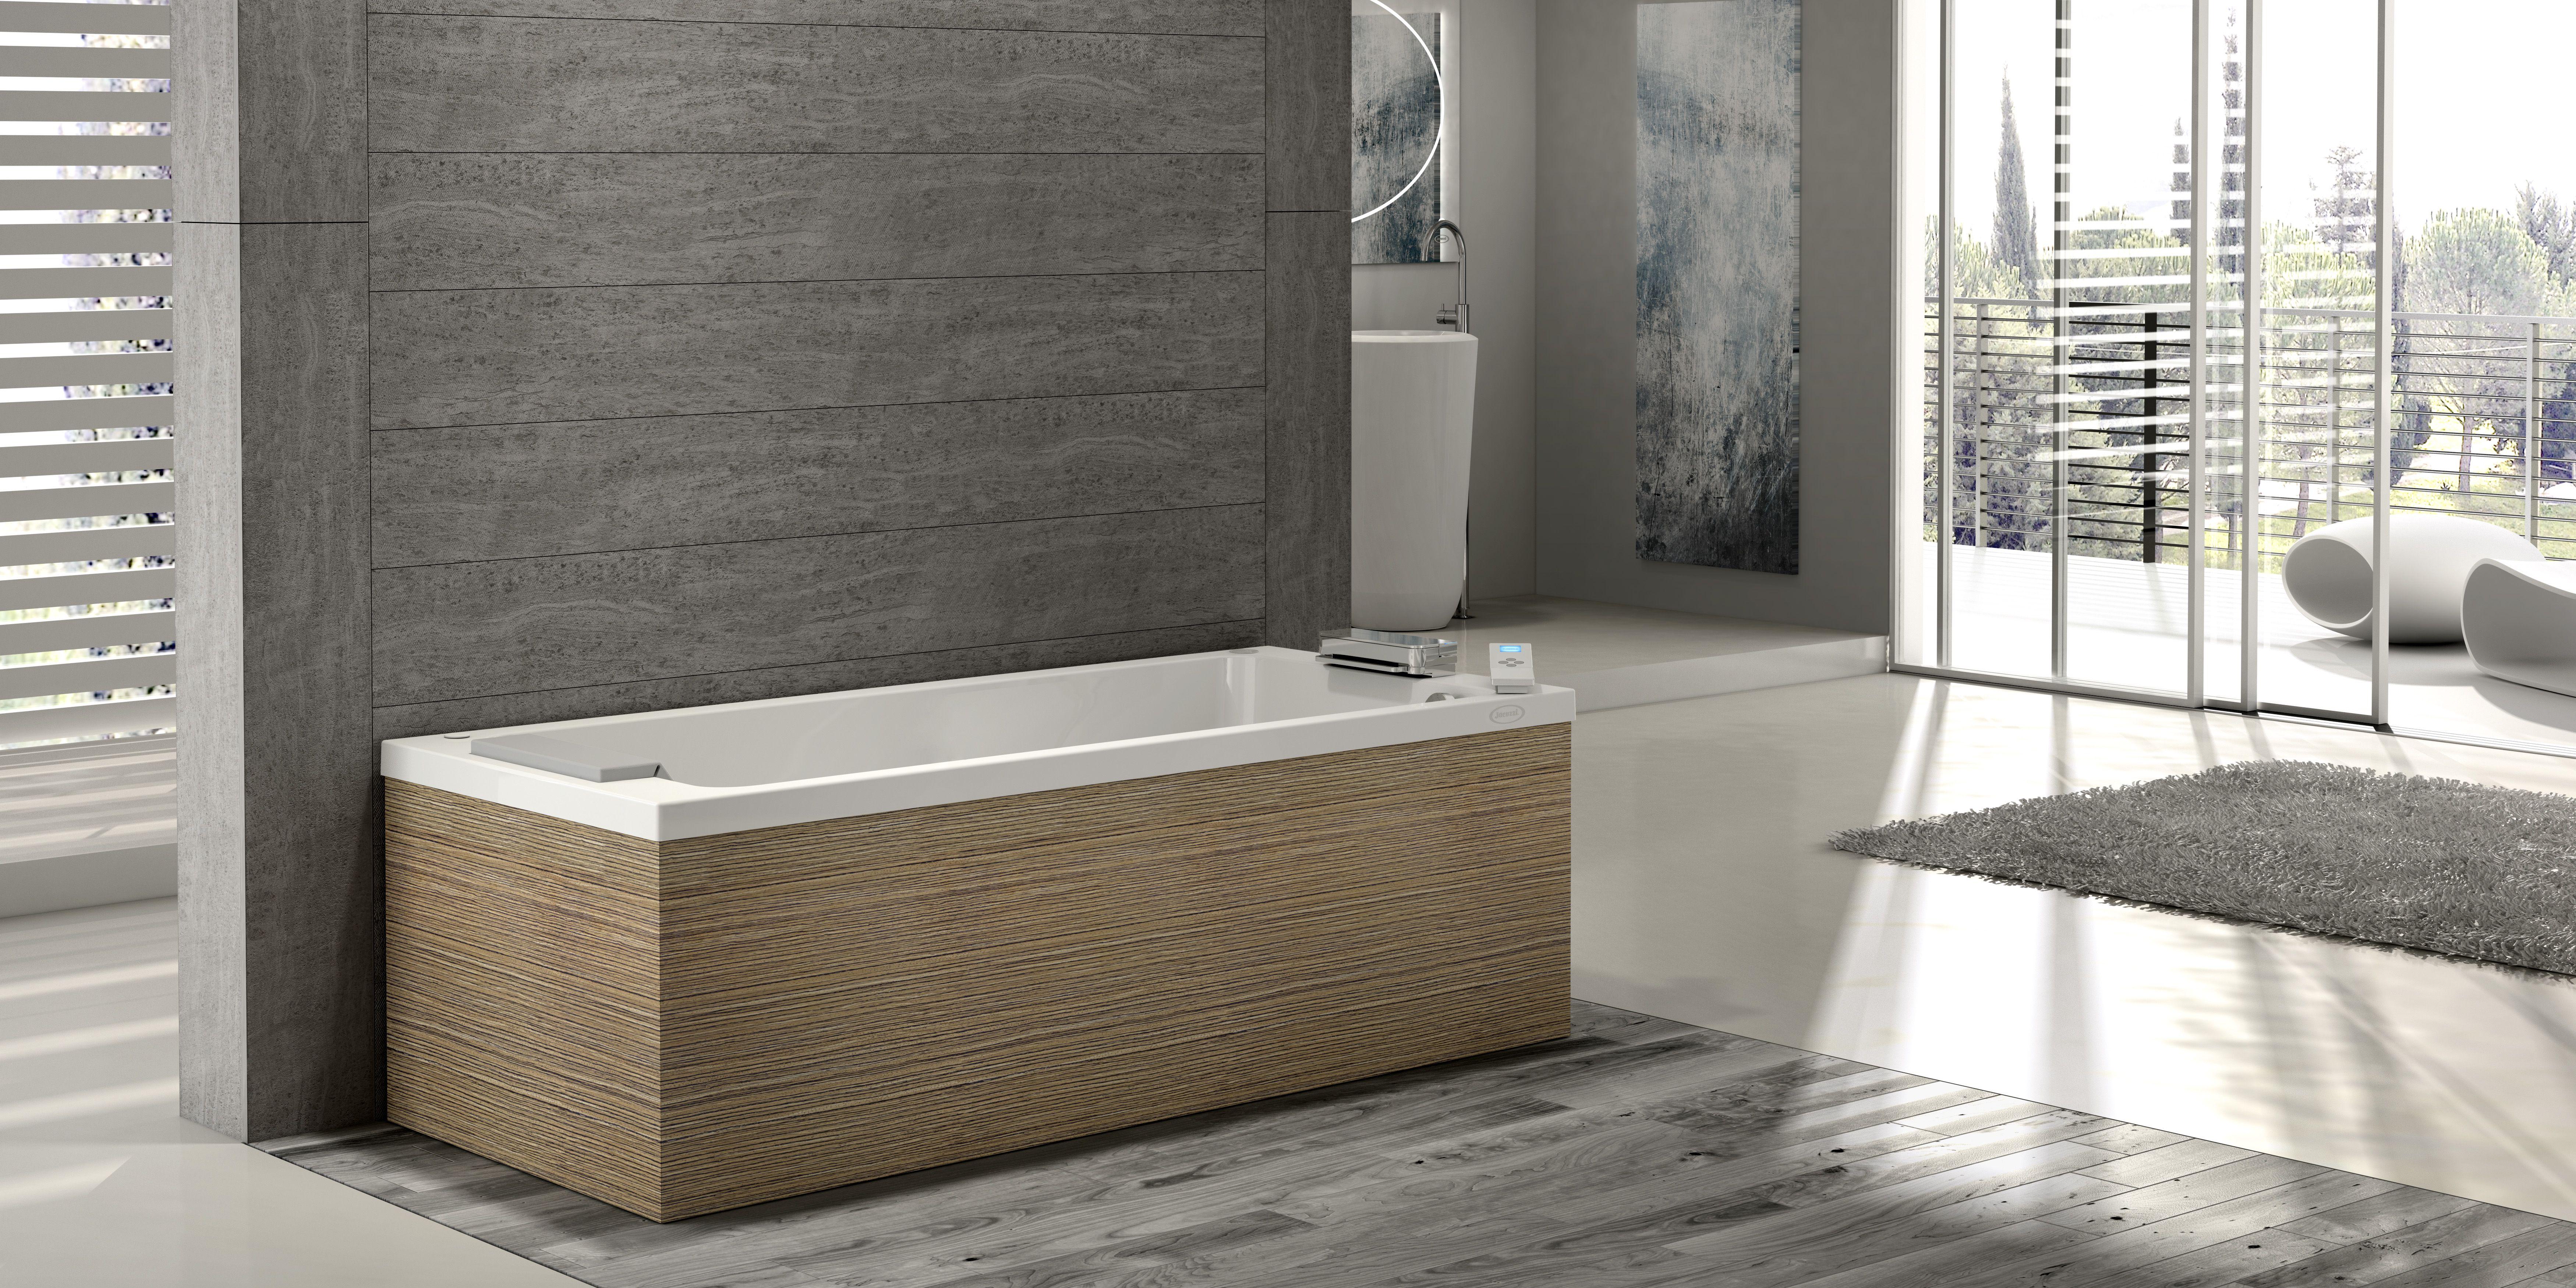 baignoire baln o contre un mur le mod le sharp de jacuzzi avec panneaux bois vein balneo. Black Bedroom Furniture Sets. Home Design Ideas